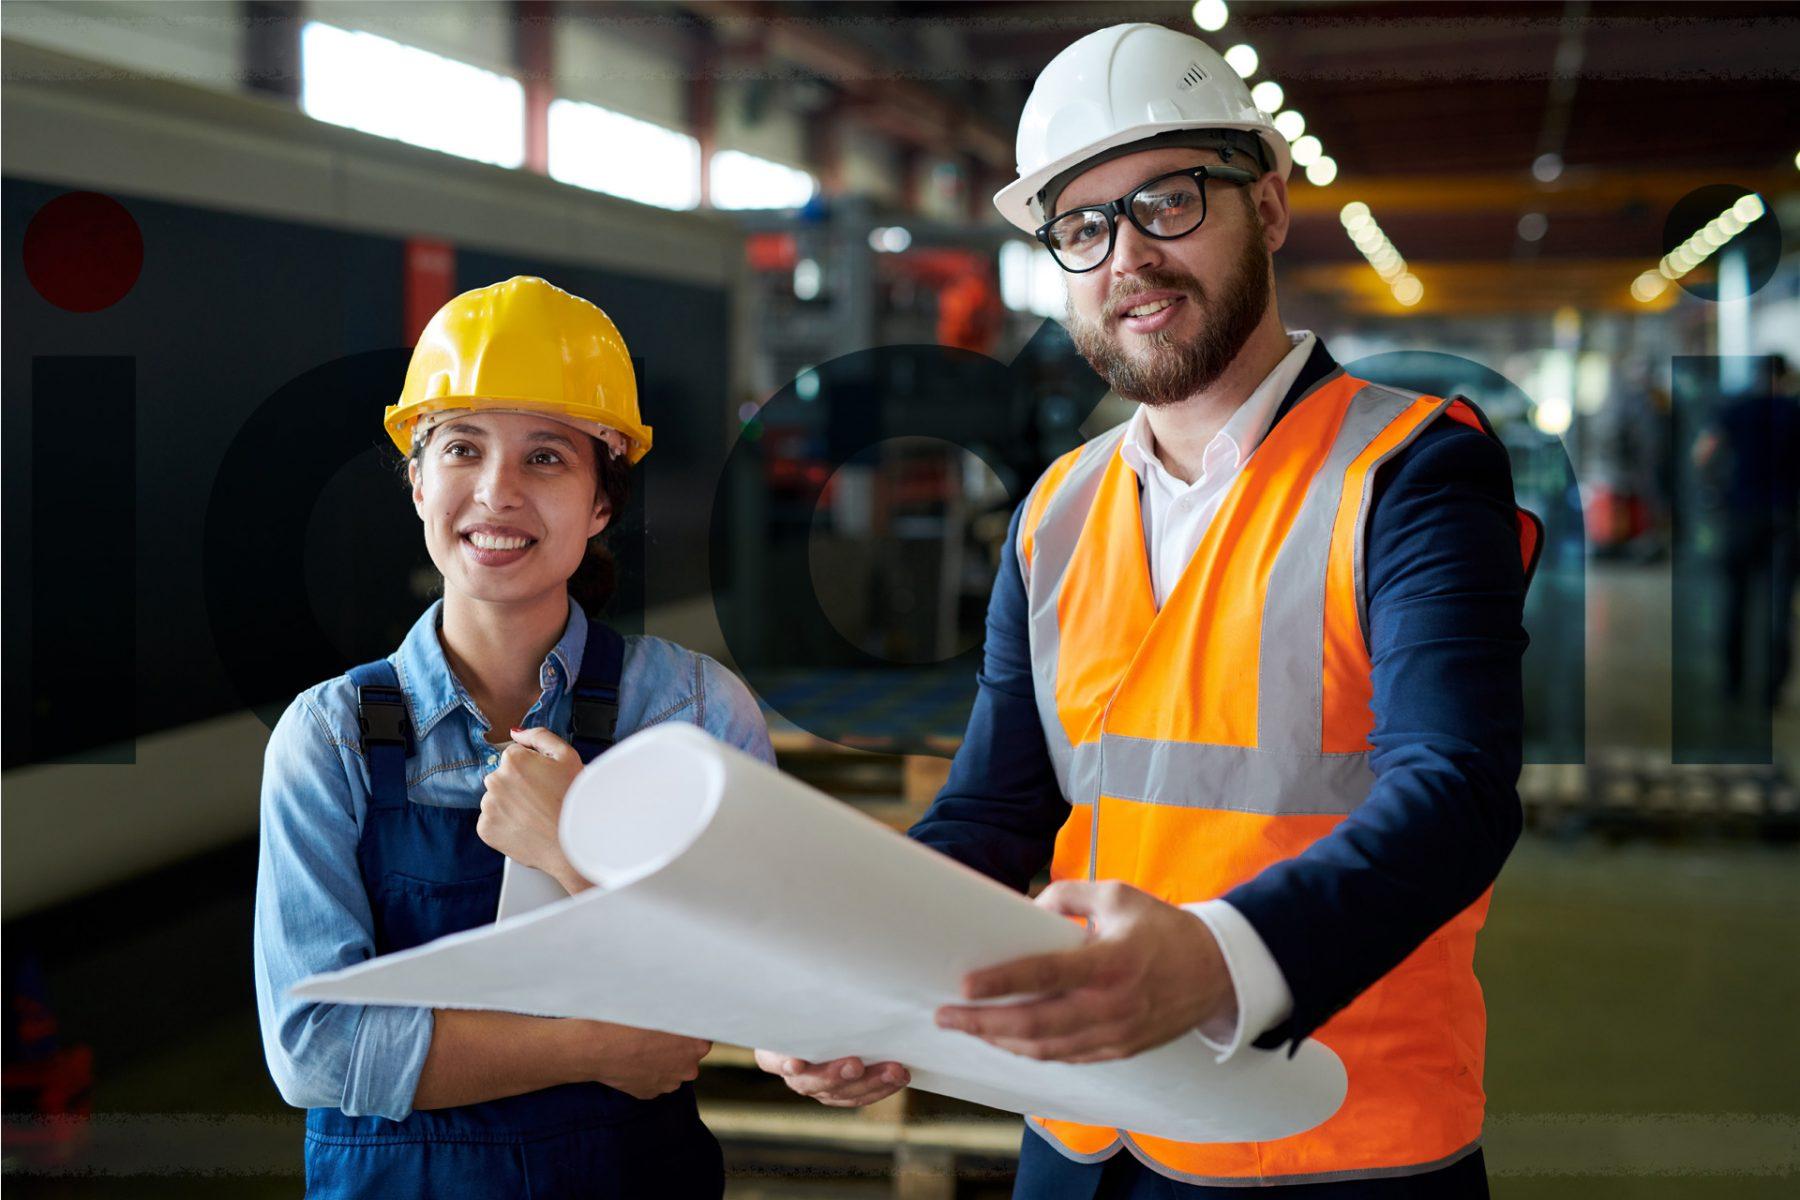 IAGNI - Saúde e Segurança do Trabalho & Meio Ambiente